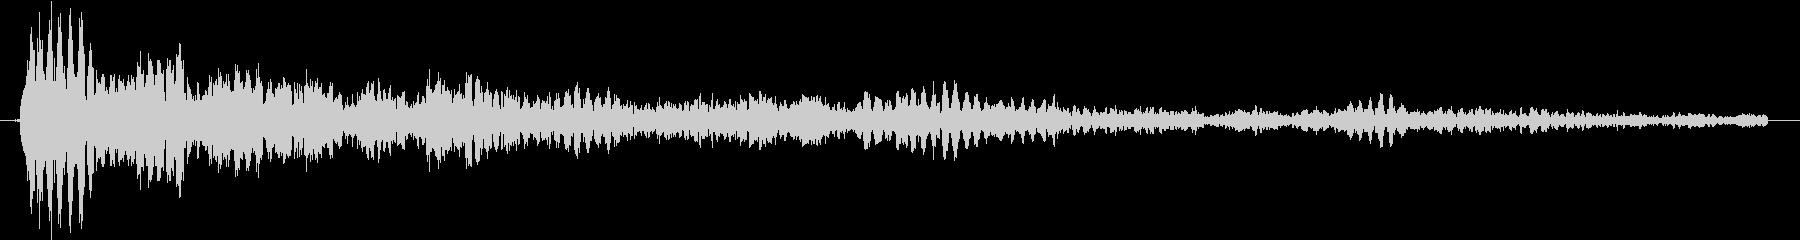 クリスタルのような幻想的な選択、効果音の未再生の波形